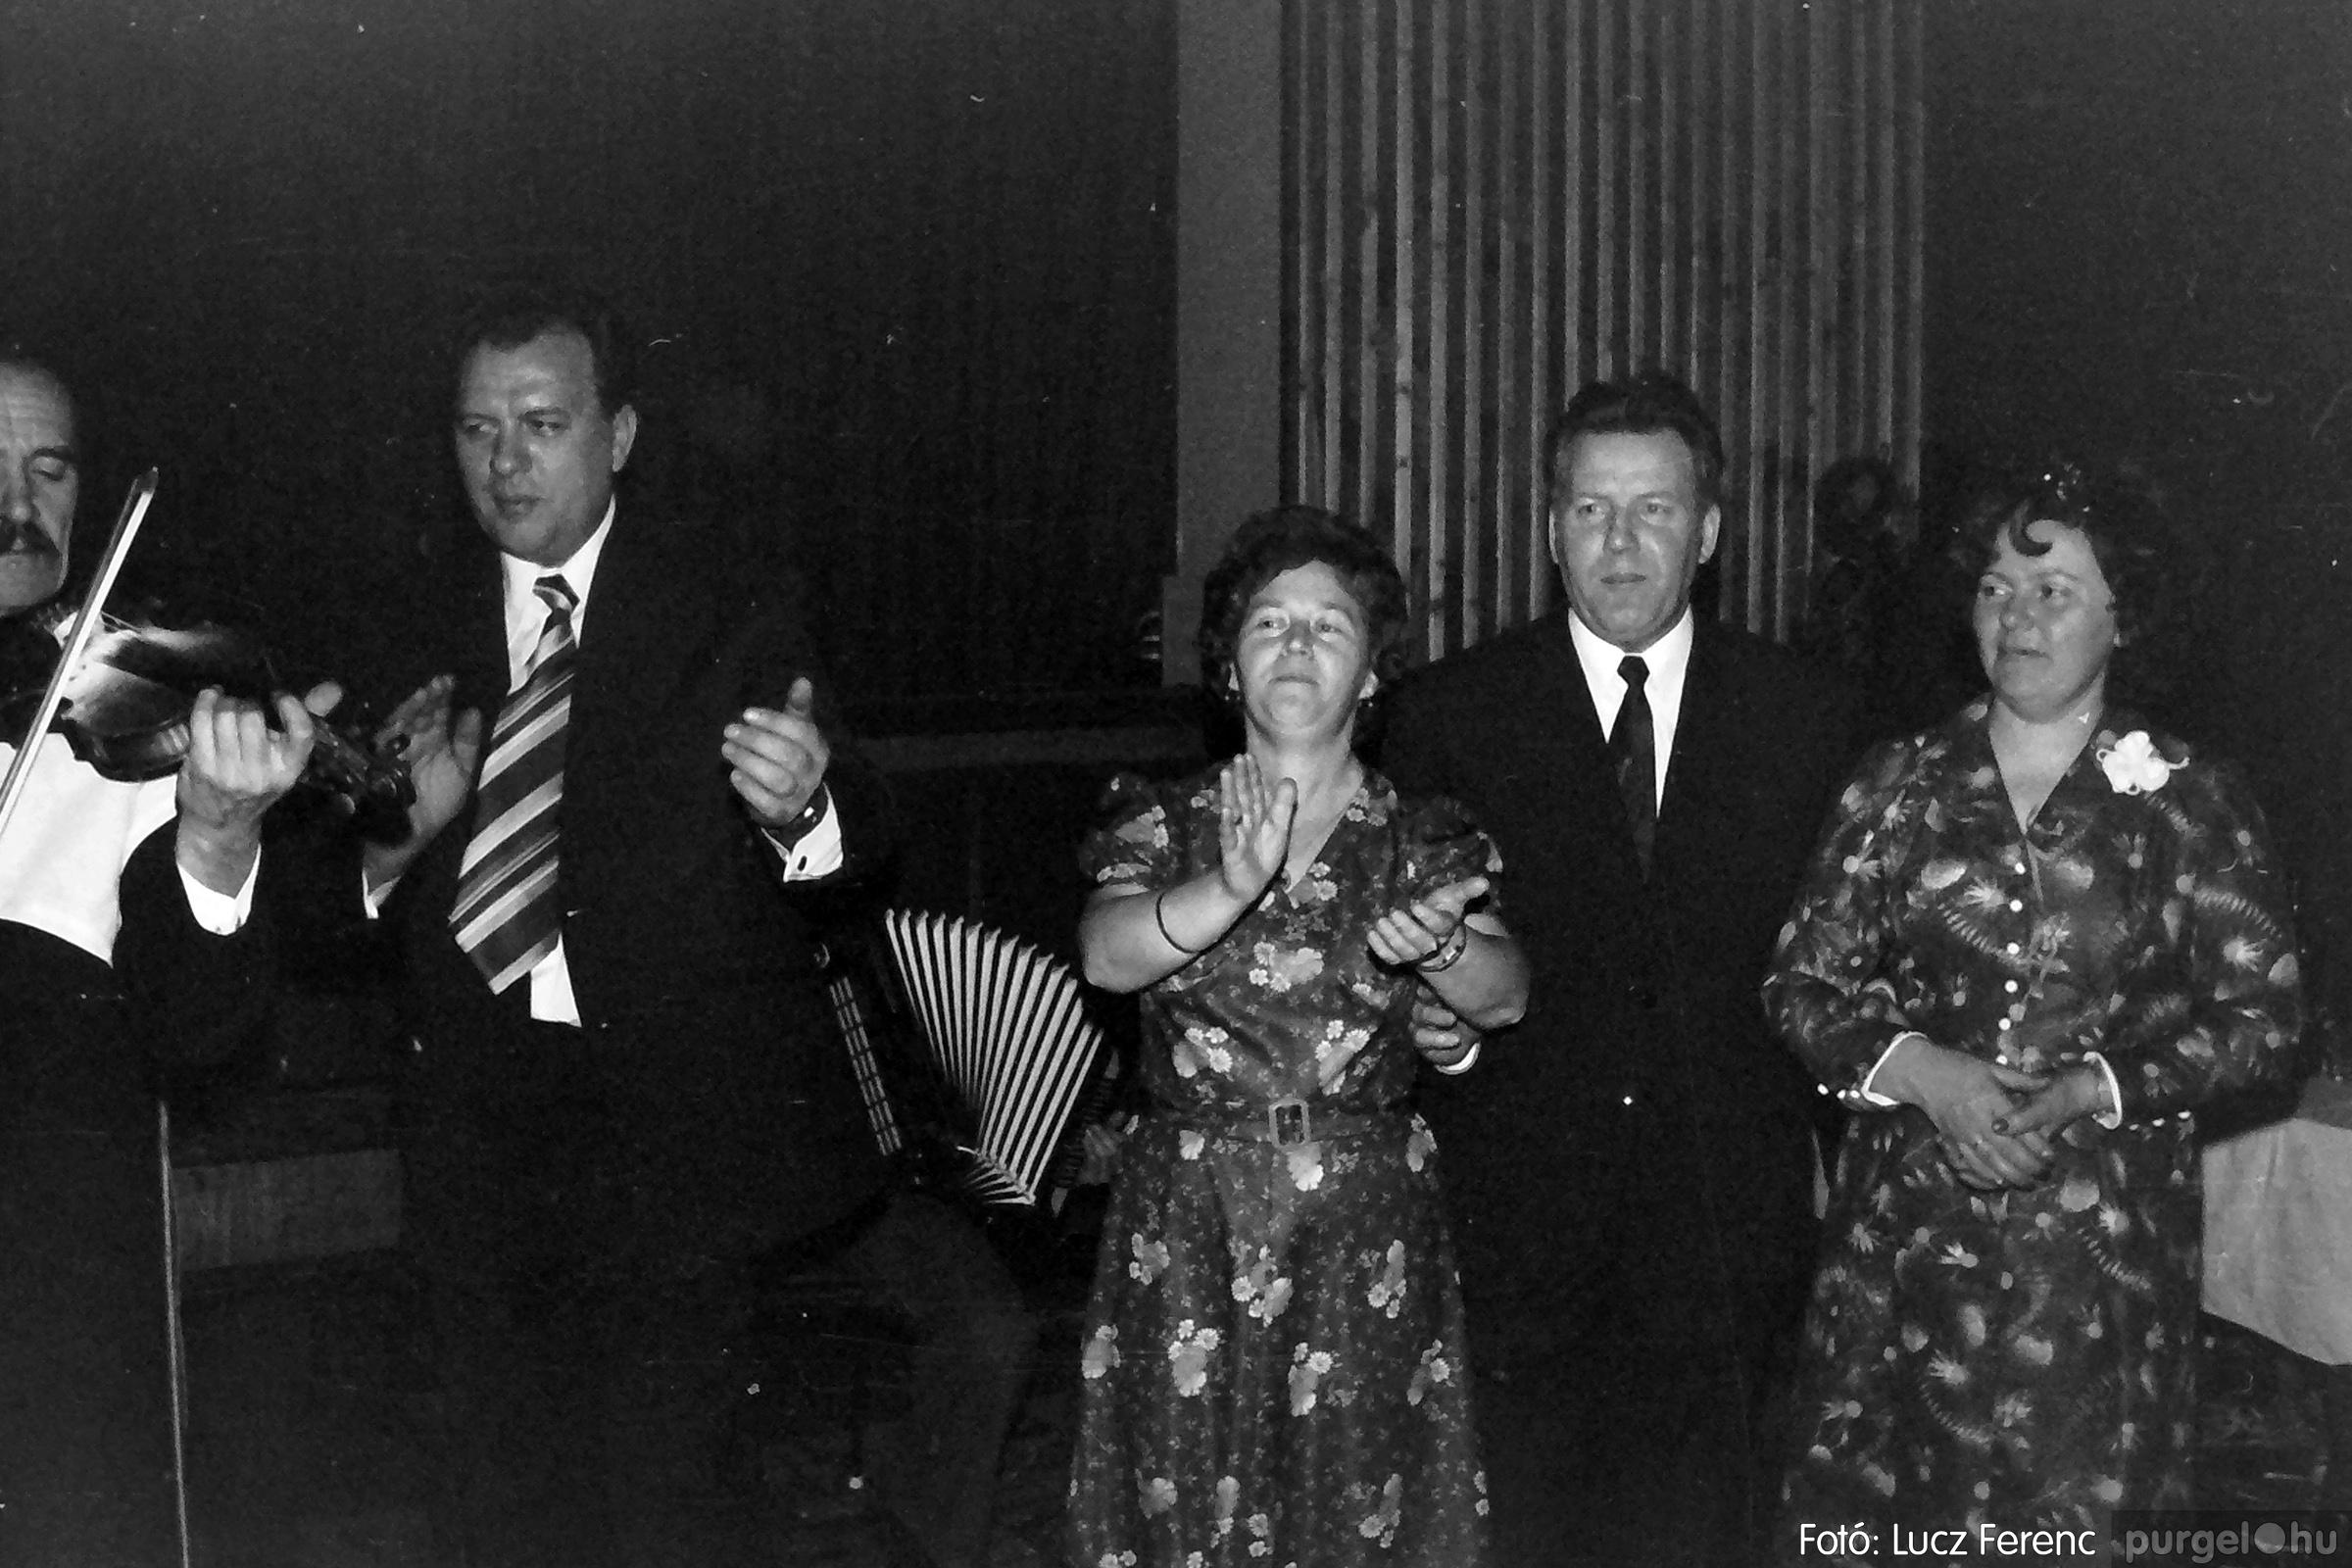 070. 1976.12.31. Szilveszter a kultúrházban 003. - Fotó: Lucz Ferenc.jpg